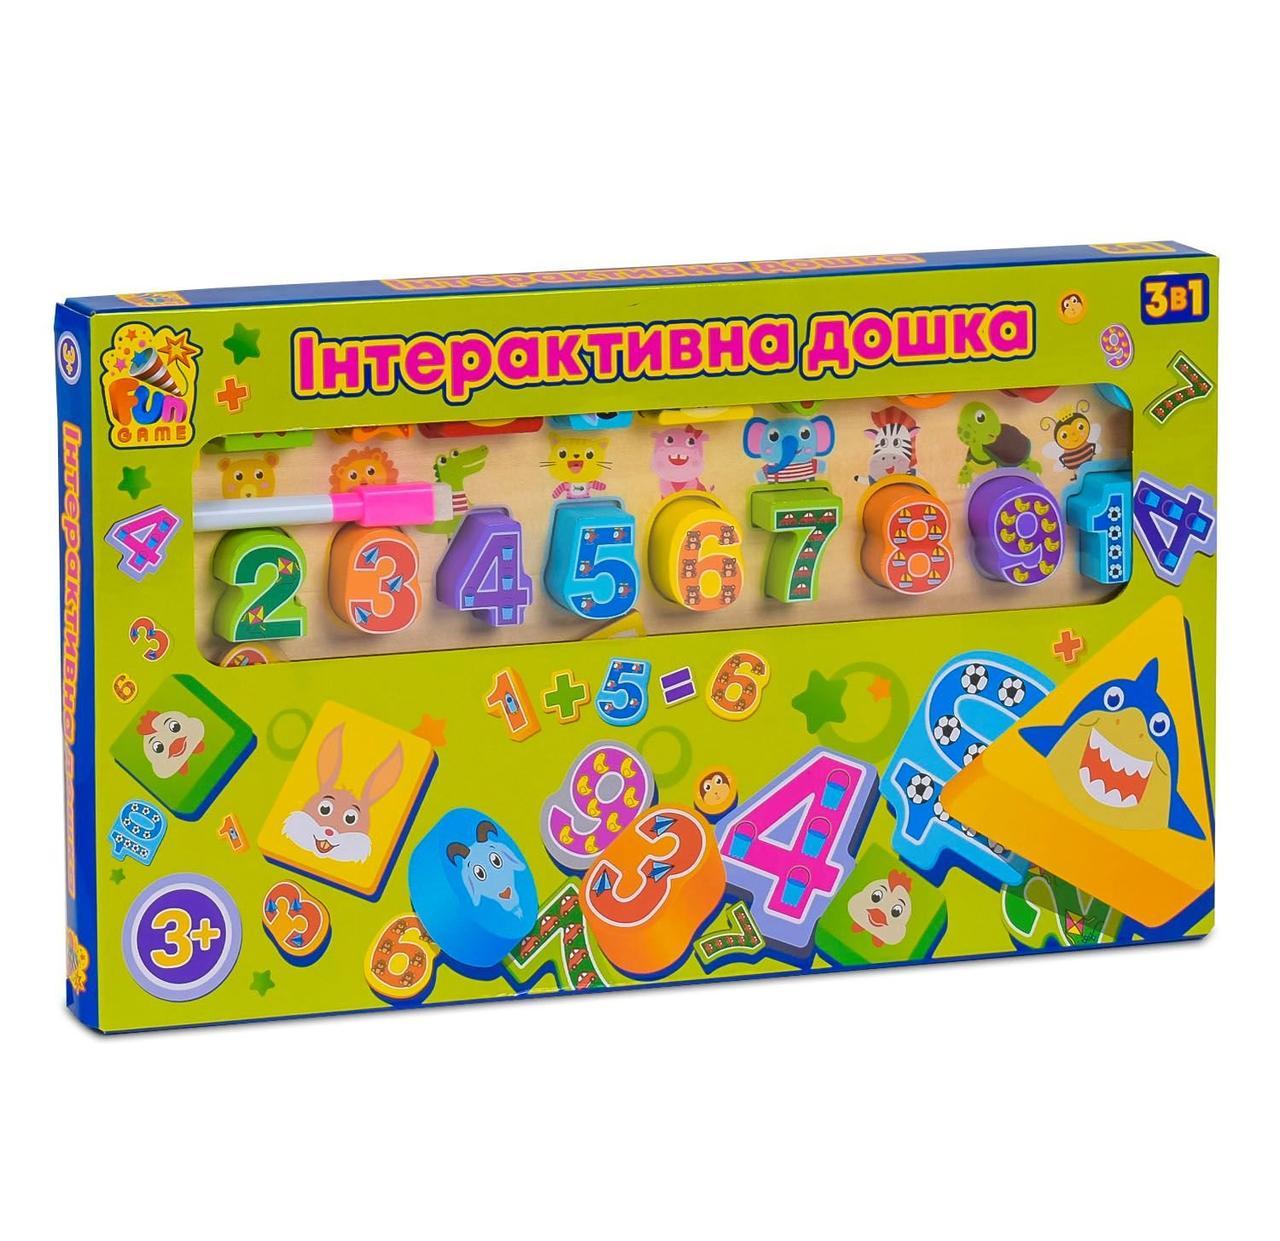 Интерактивная досточка 3в1 FUN GAME, обучающая, с маркером для рисования, в коробке